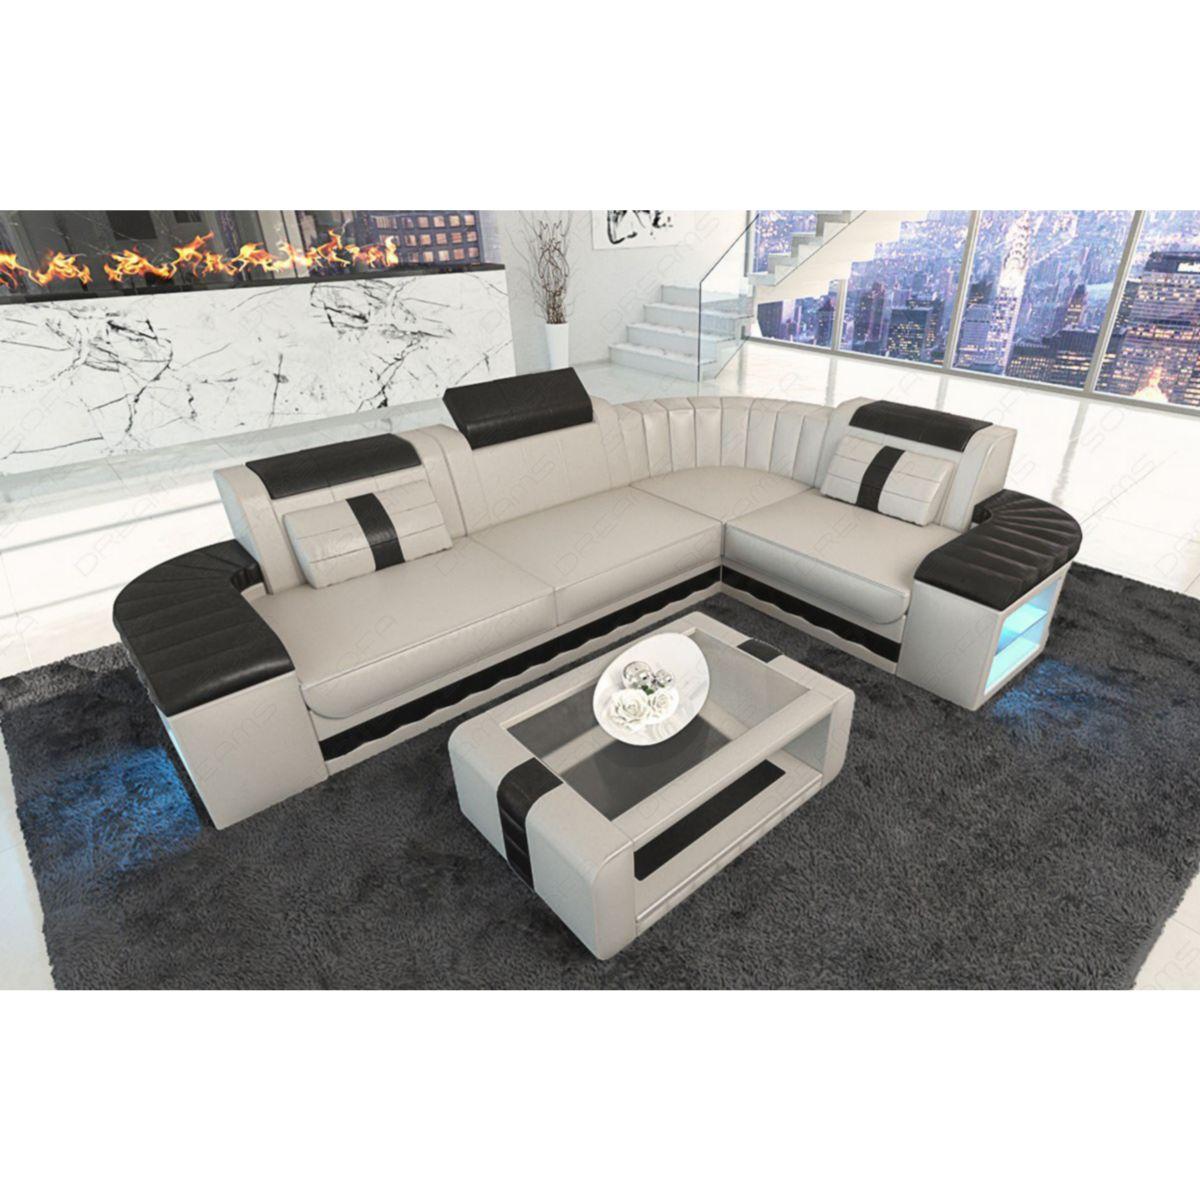 Sofa Dreams Bergamo in Leder